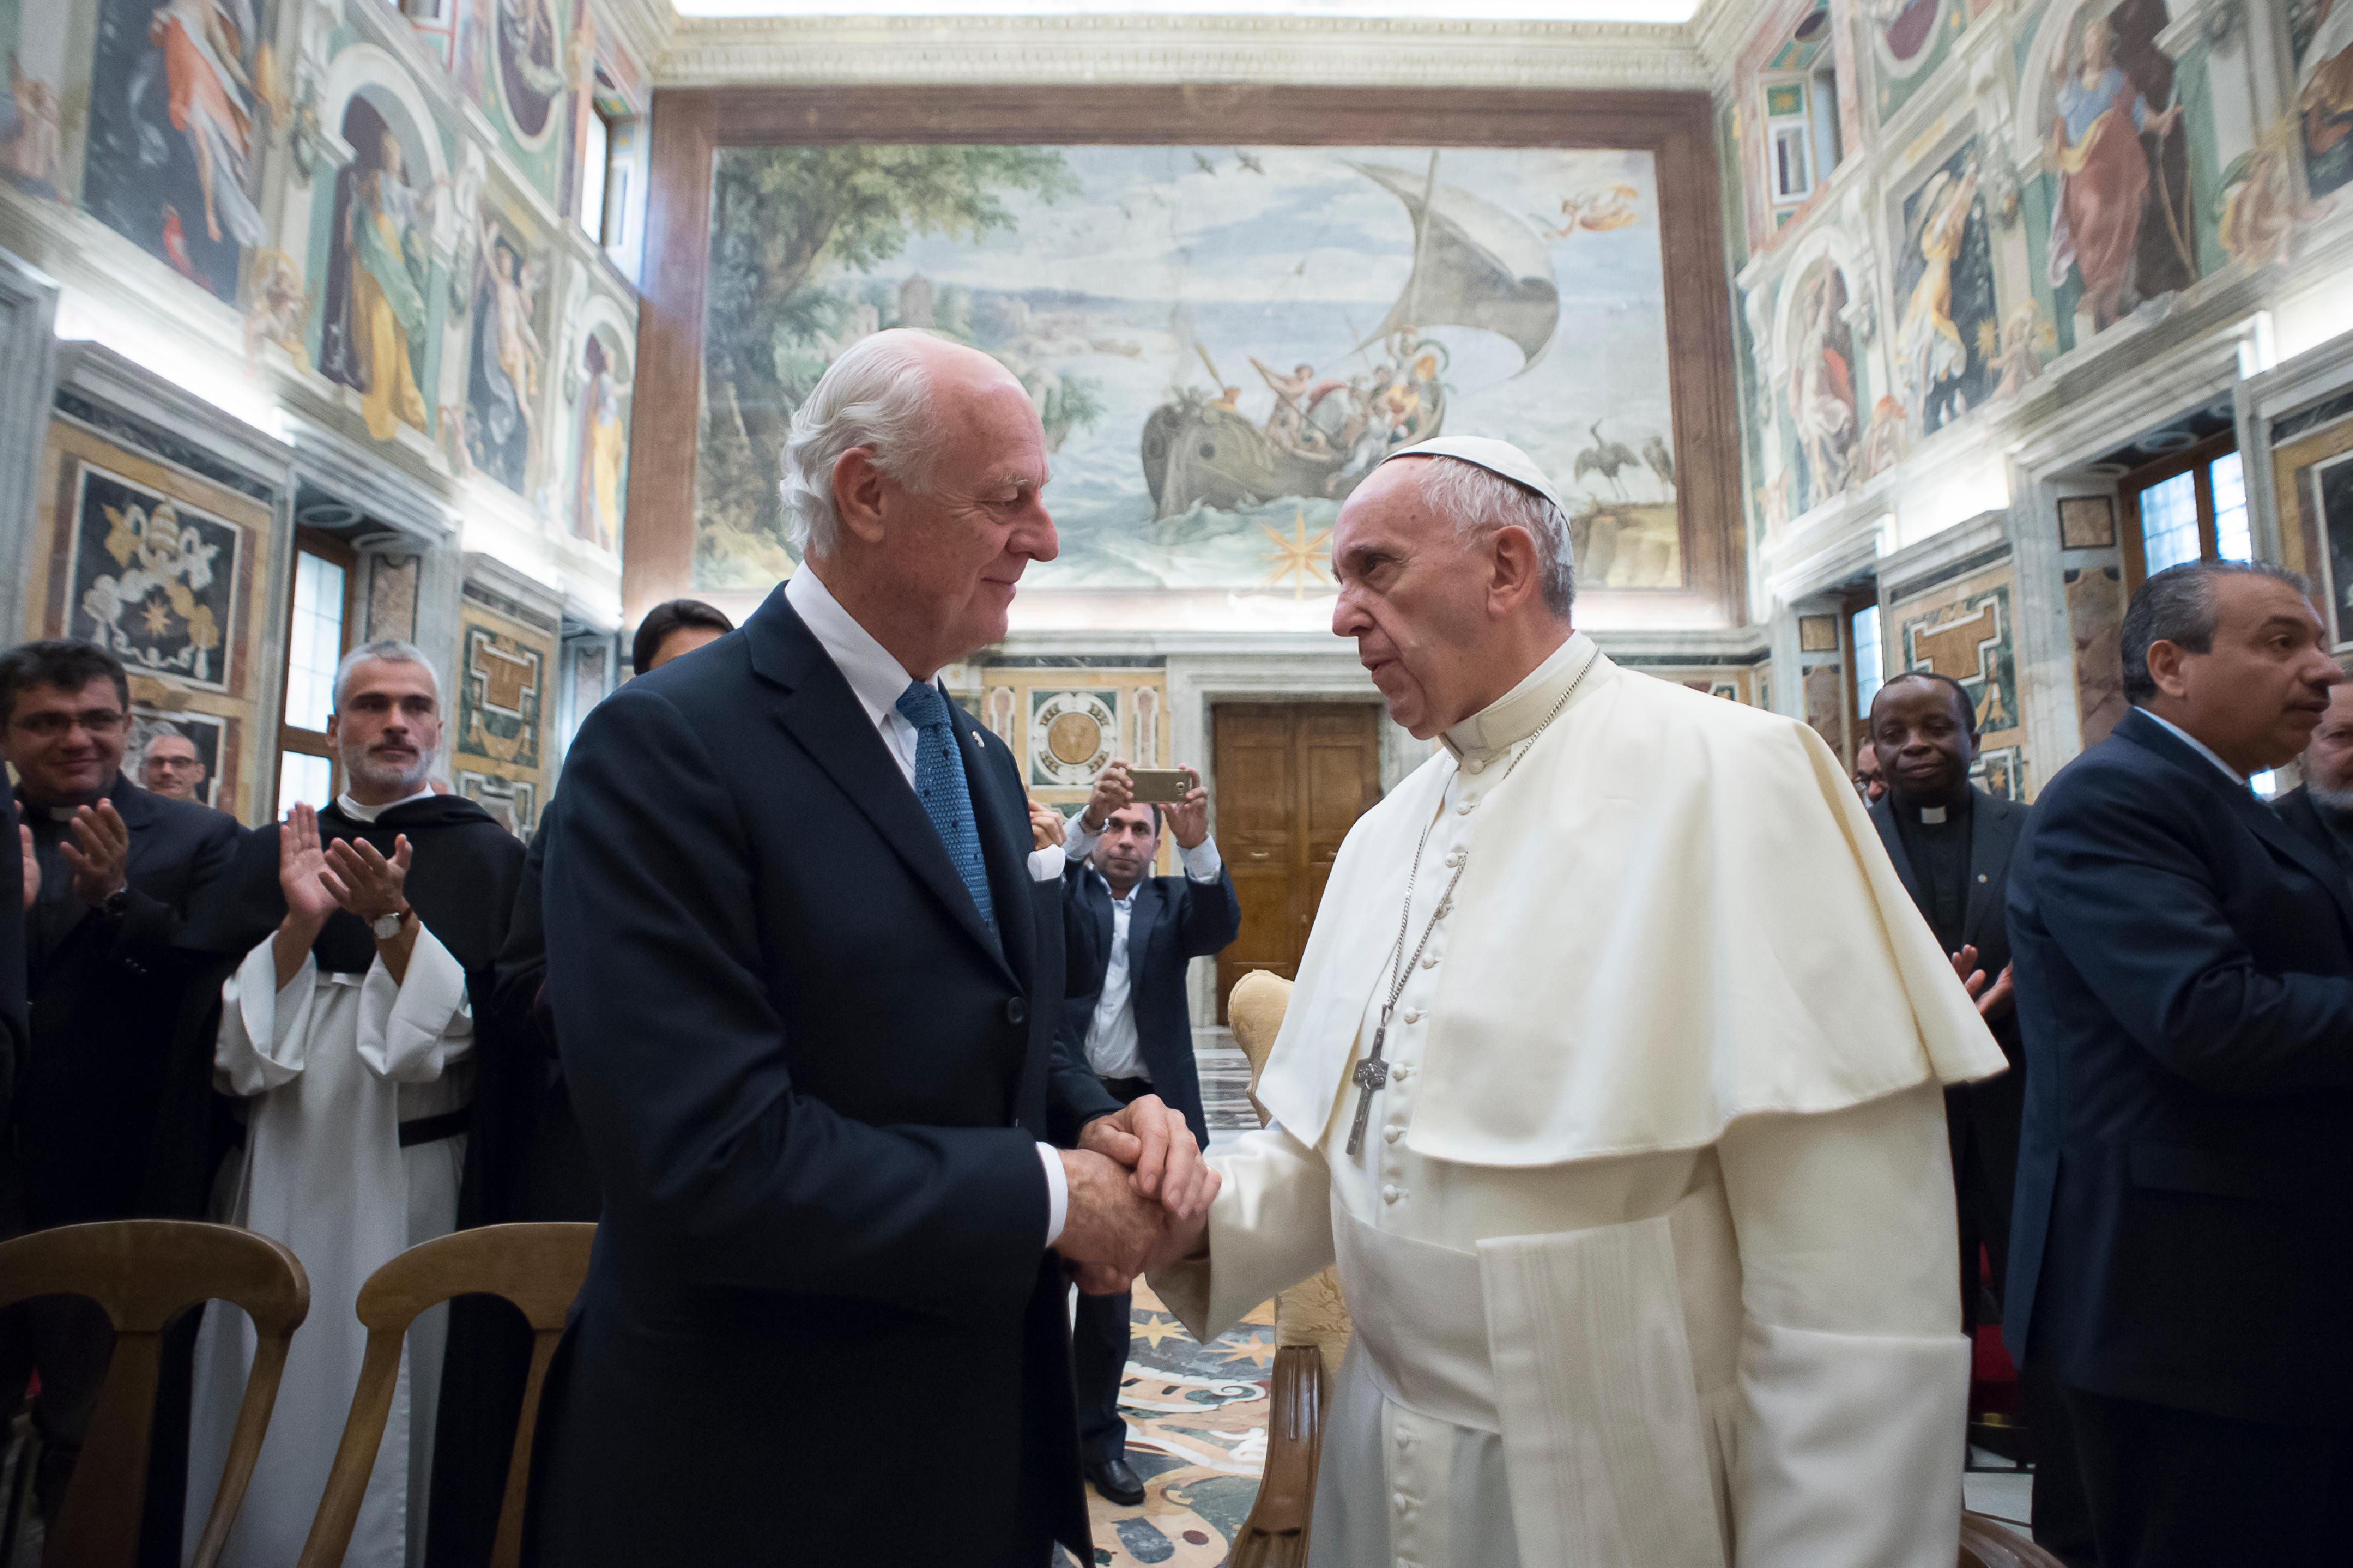 El Papa con Staffan Demistura enviado de la Onu en Siria. (Foto Osservatore Romano©)